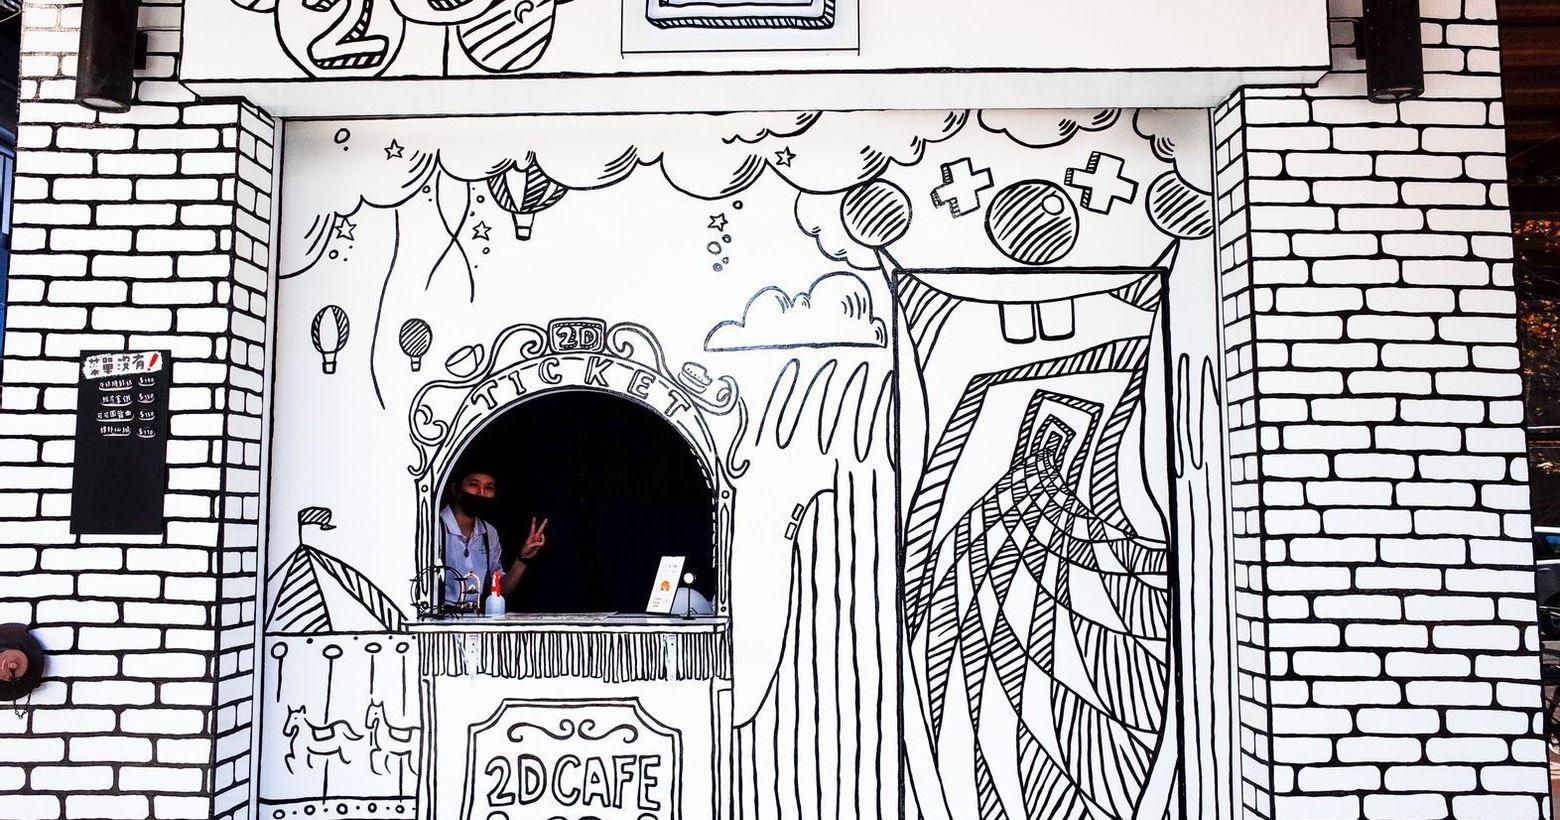 推薦 ❘ 台中2D Cafe 好拍 好玩 好童趣的漫畫咖啡屋01/09/2021這天起了早,為了去那